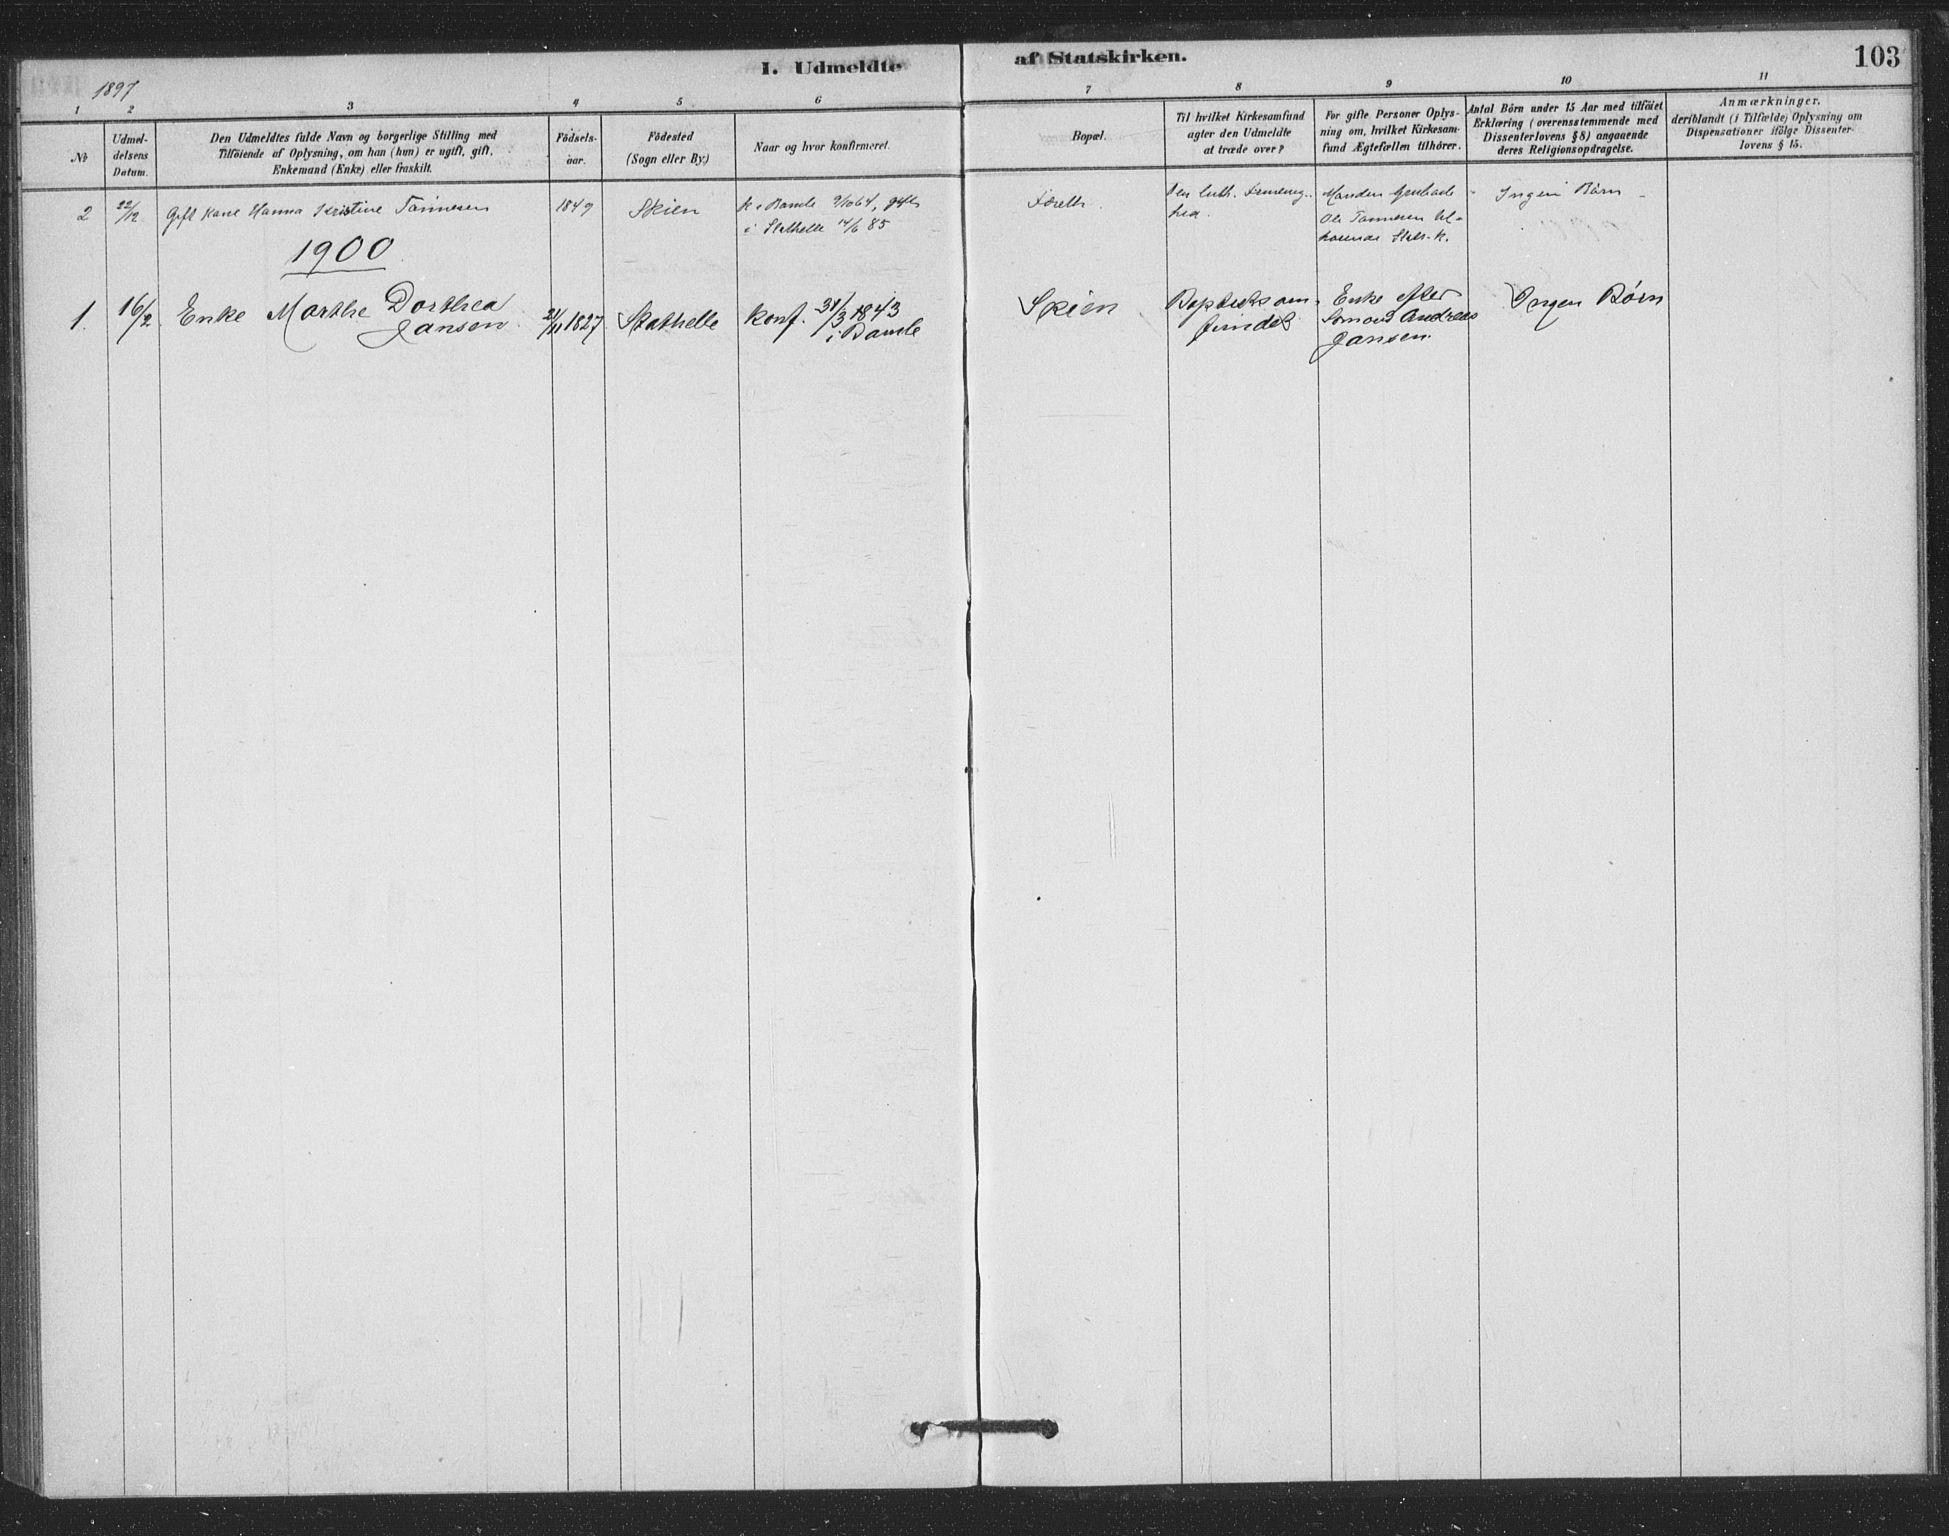 SAKO, Bamble kirkebøker, F/Fb/L0001: Ministerialbok nr. II 1, 1878-1899, s. 103